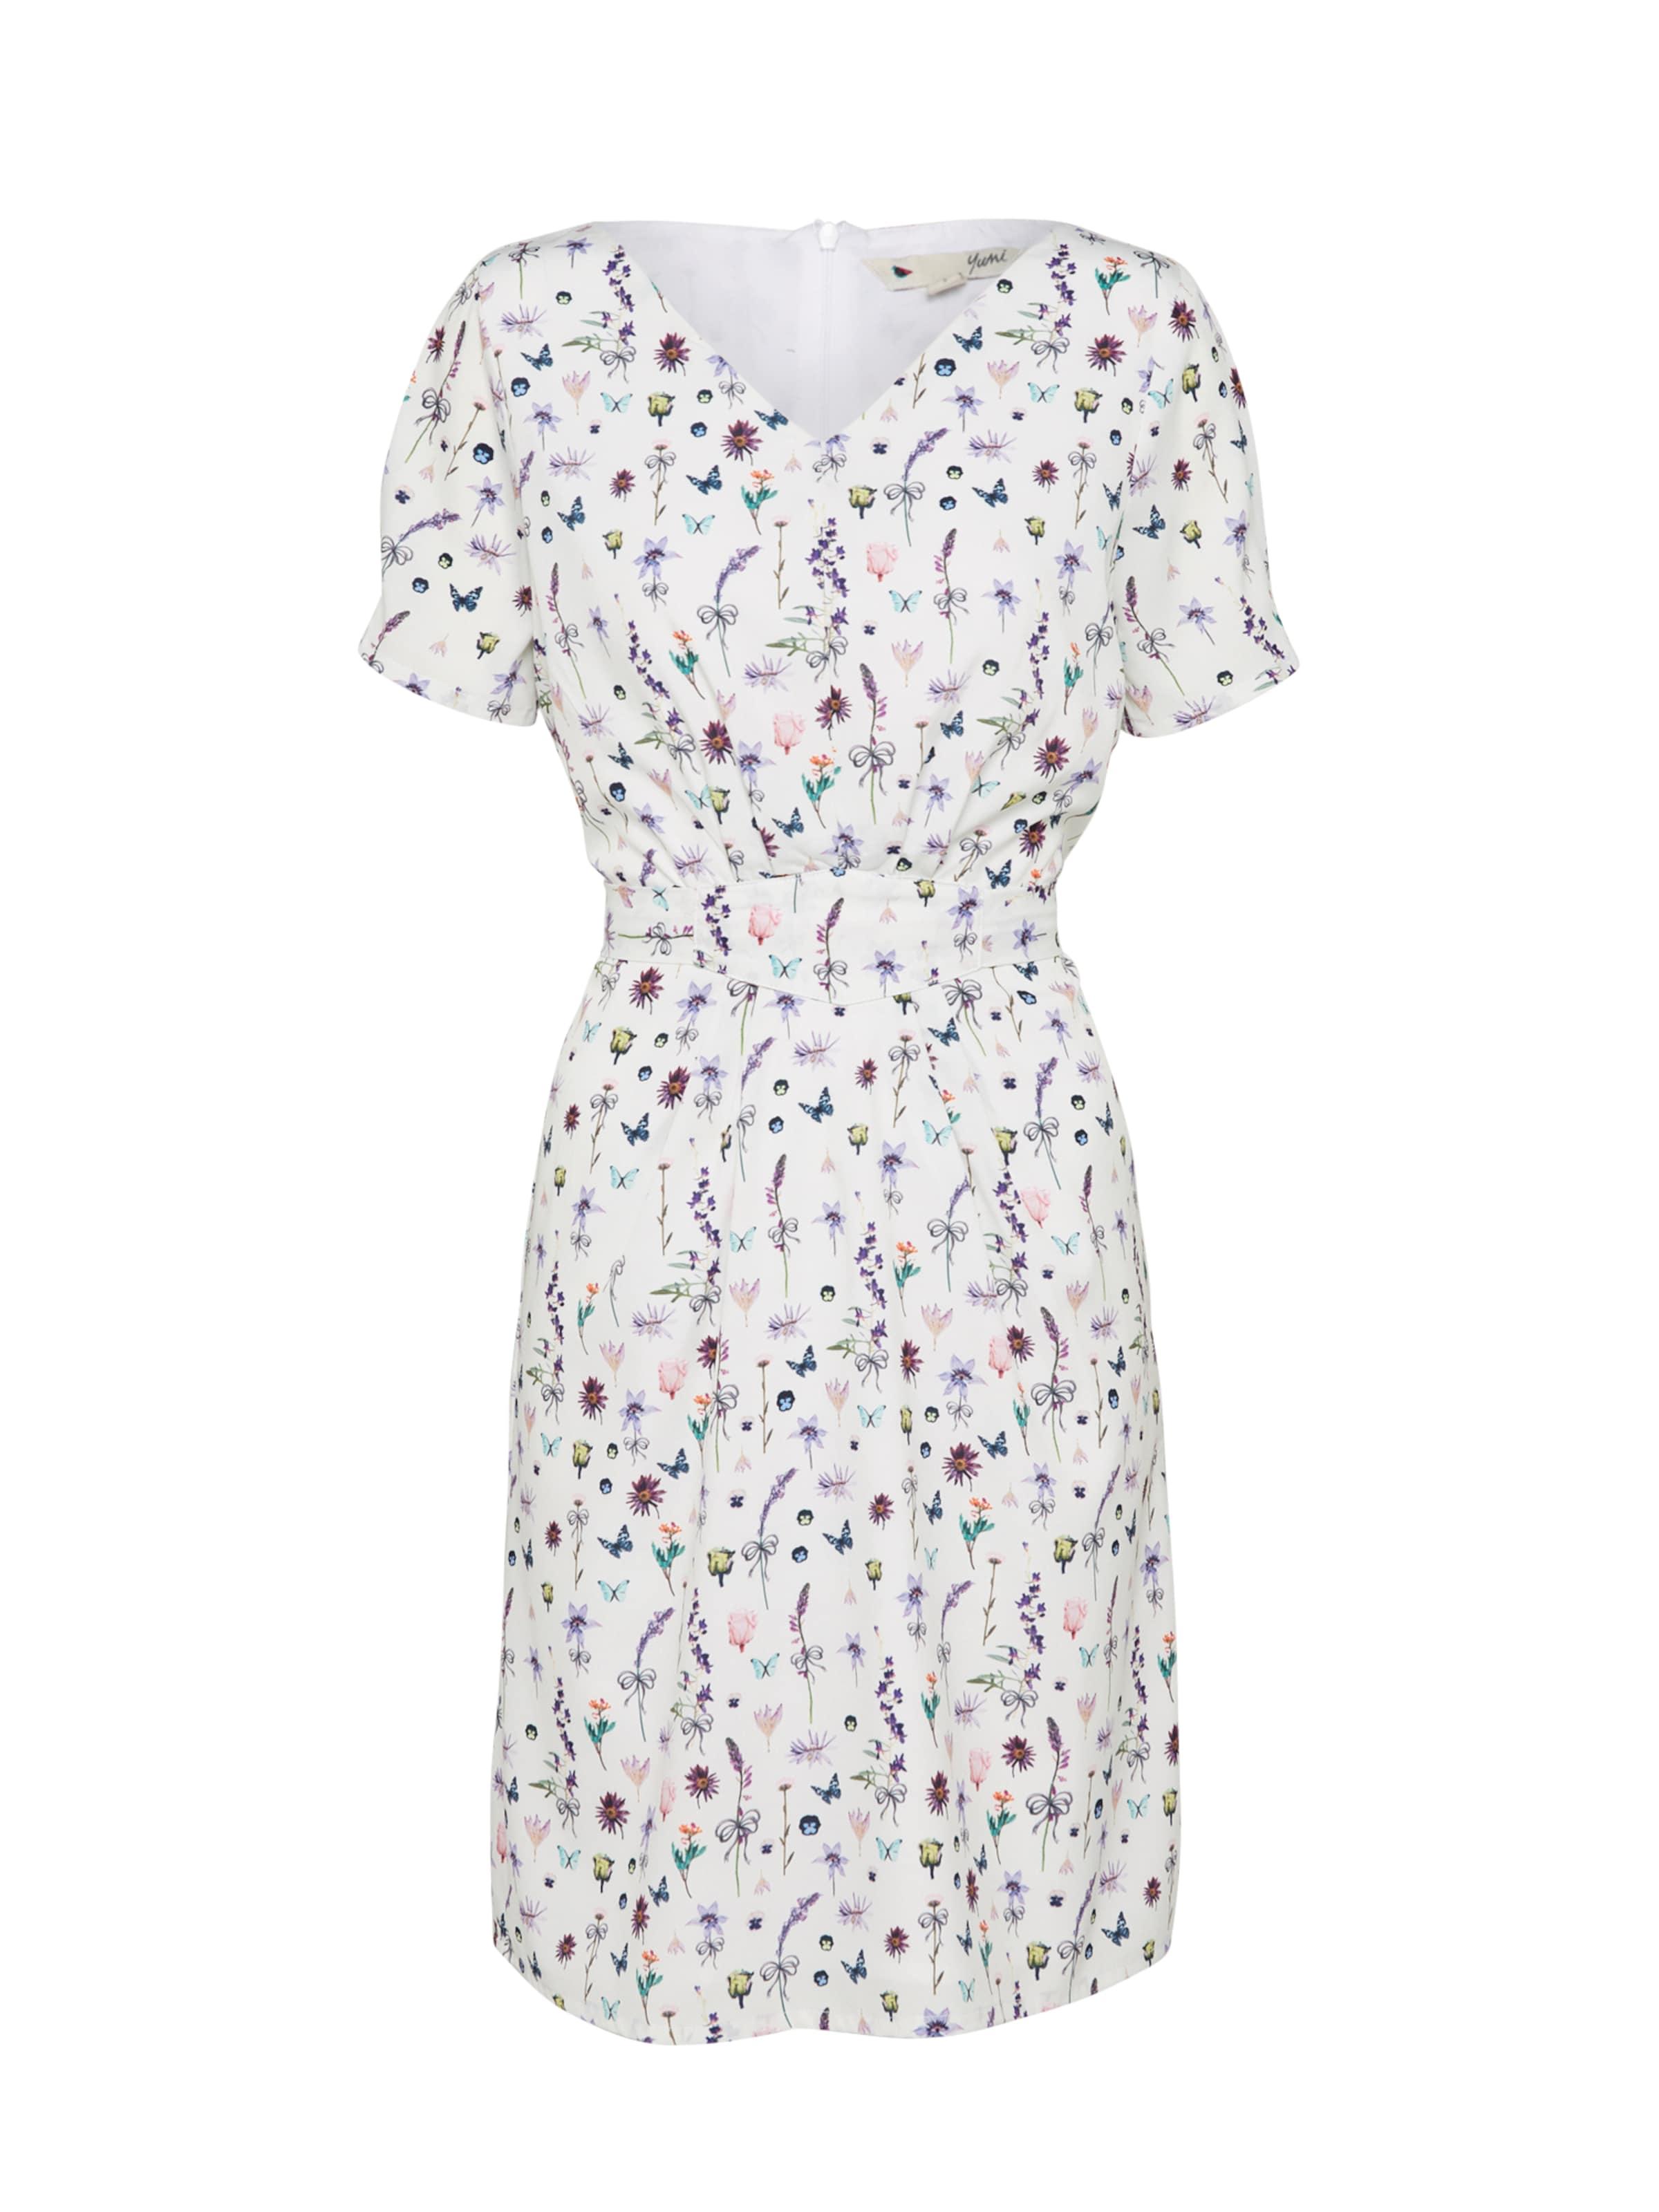 En Yumi Botanical' Robe D'été Mélange 'french CouleursBlanc De ZuPkiX